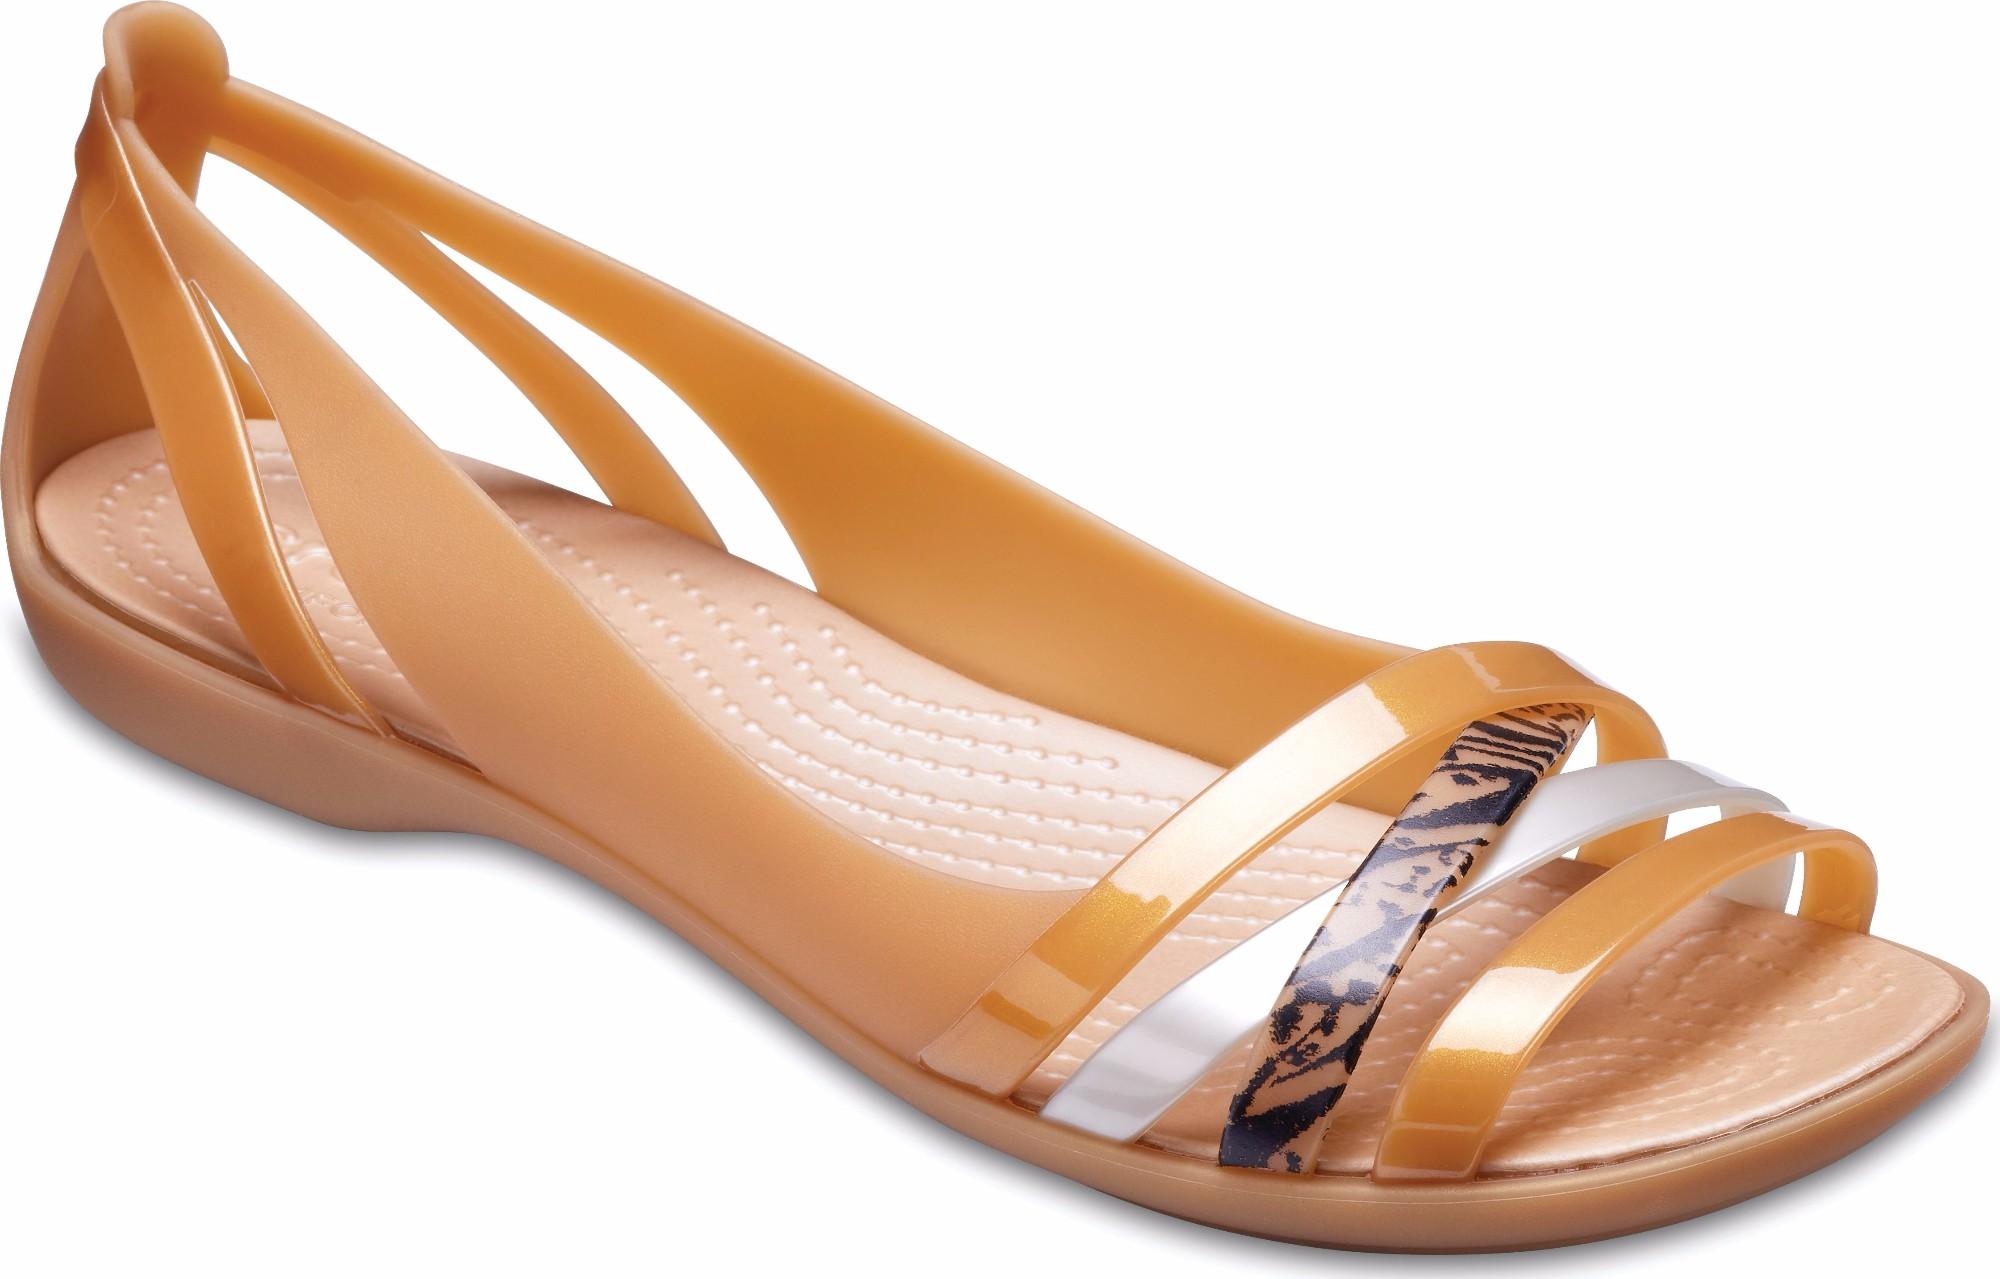 fd189ec61a20 Crocs™ Isabella Graphic Huarache II Flat